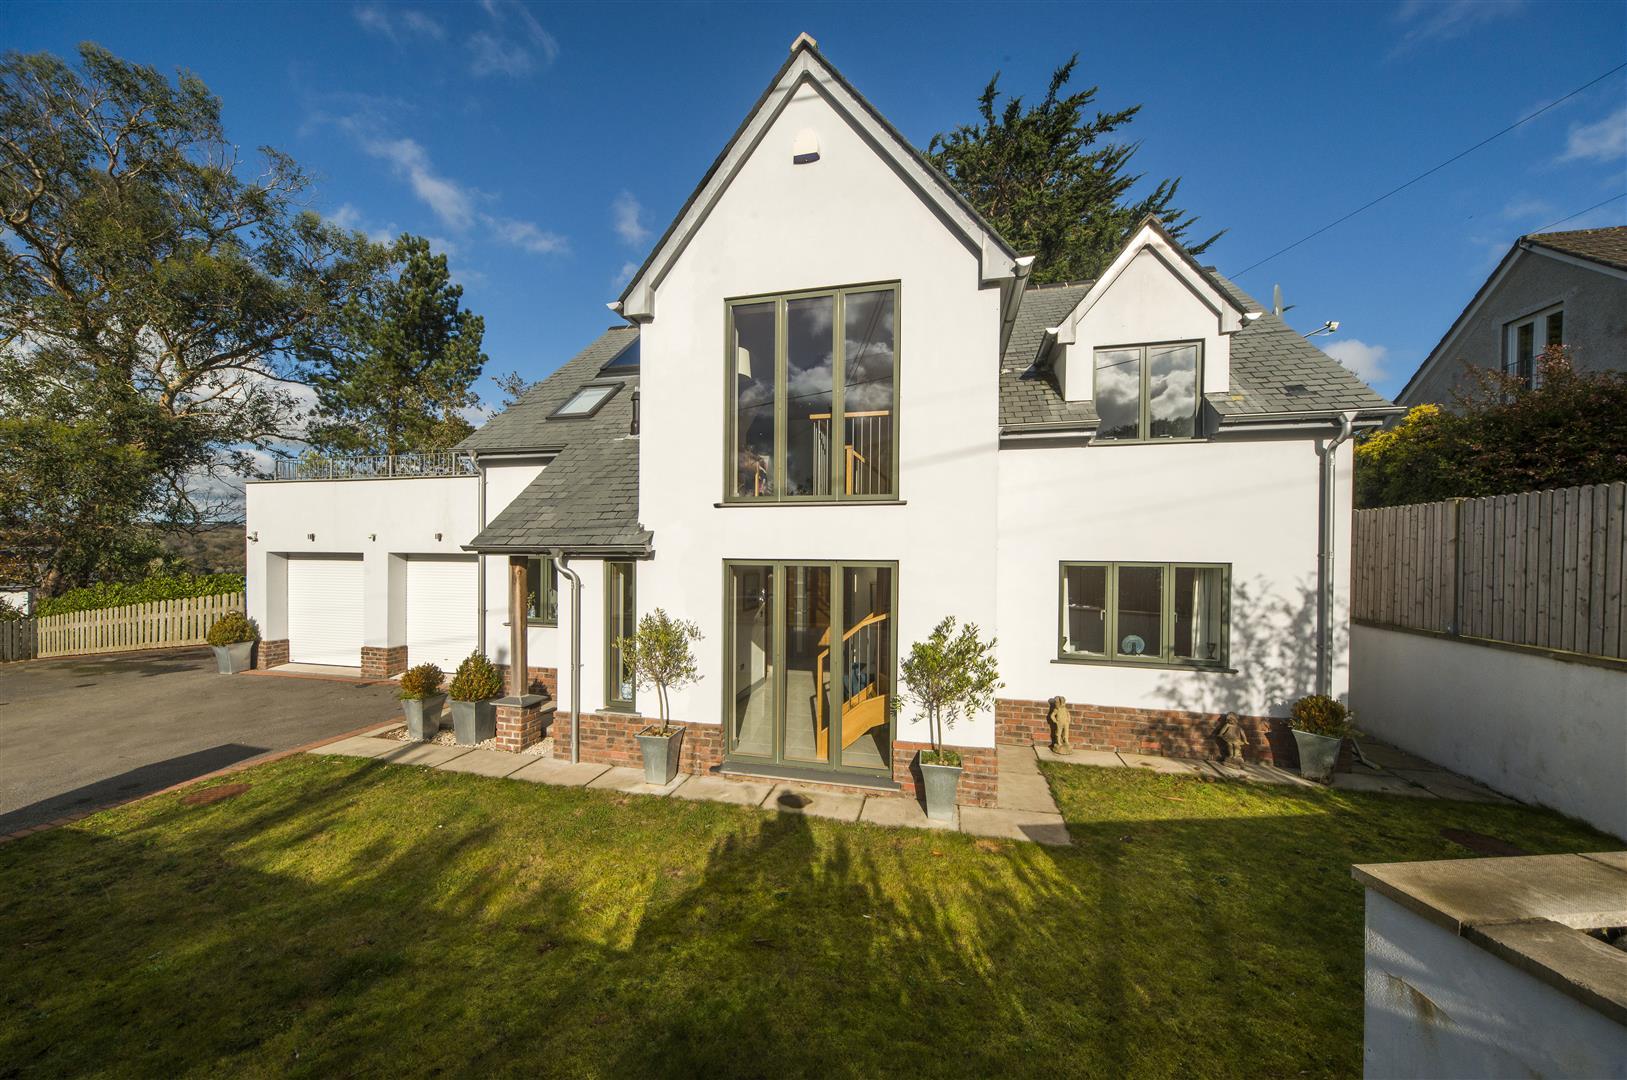 Budock Vean Lane, Mawnan Smith Property Image